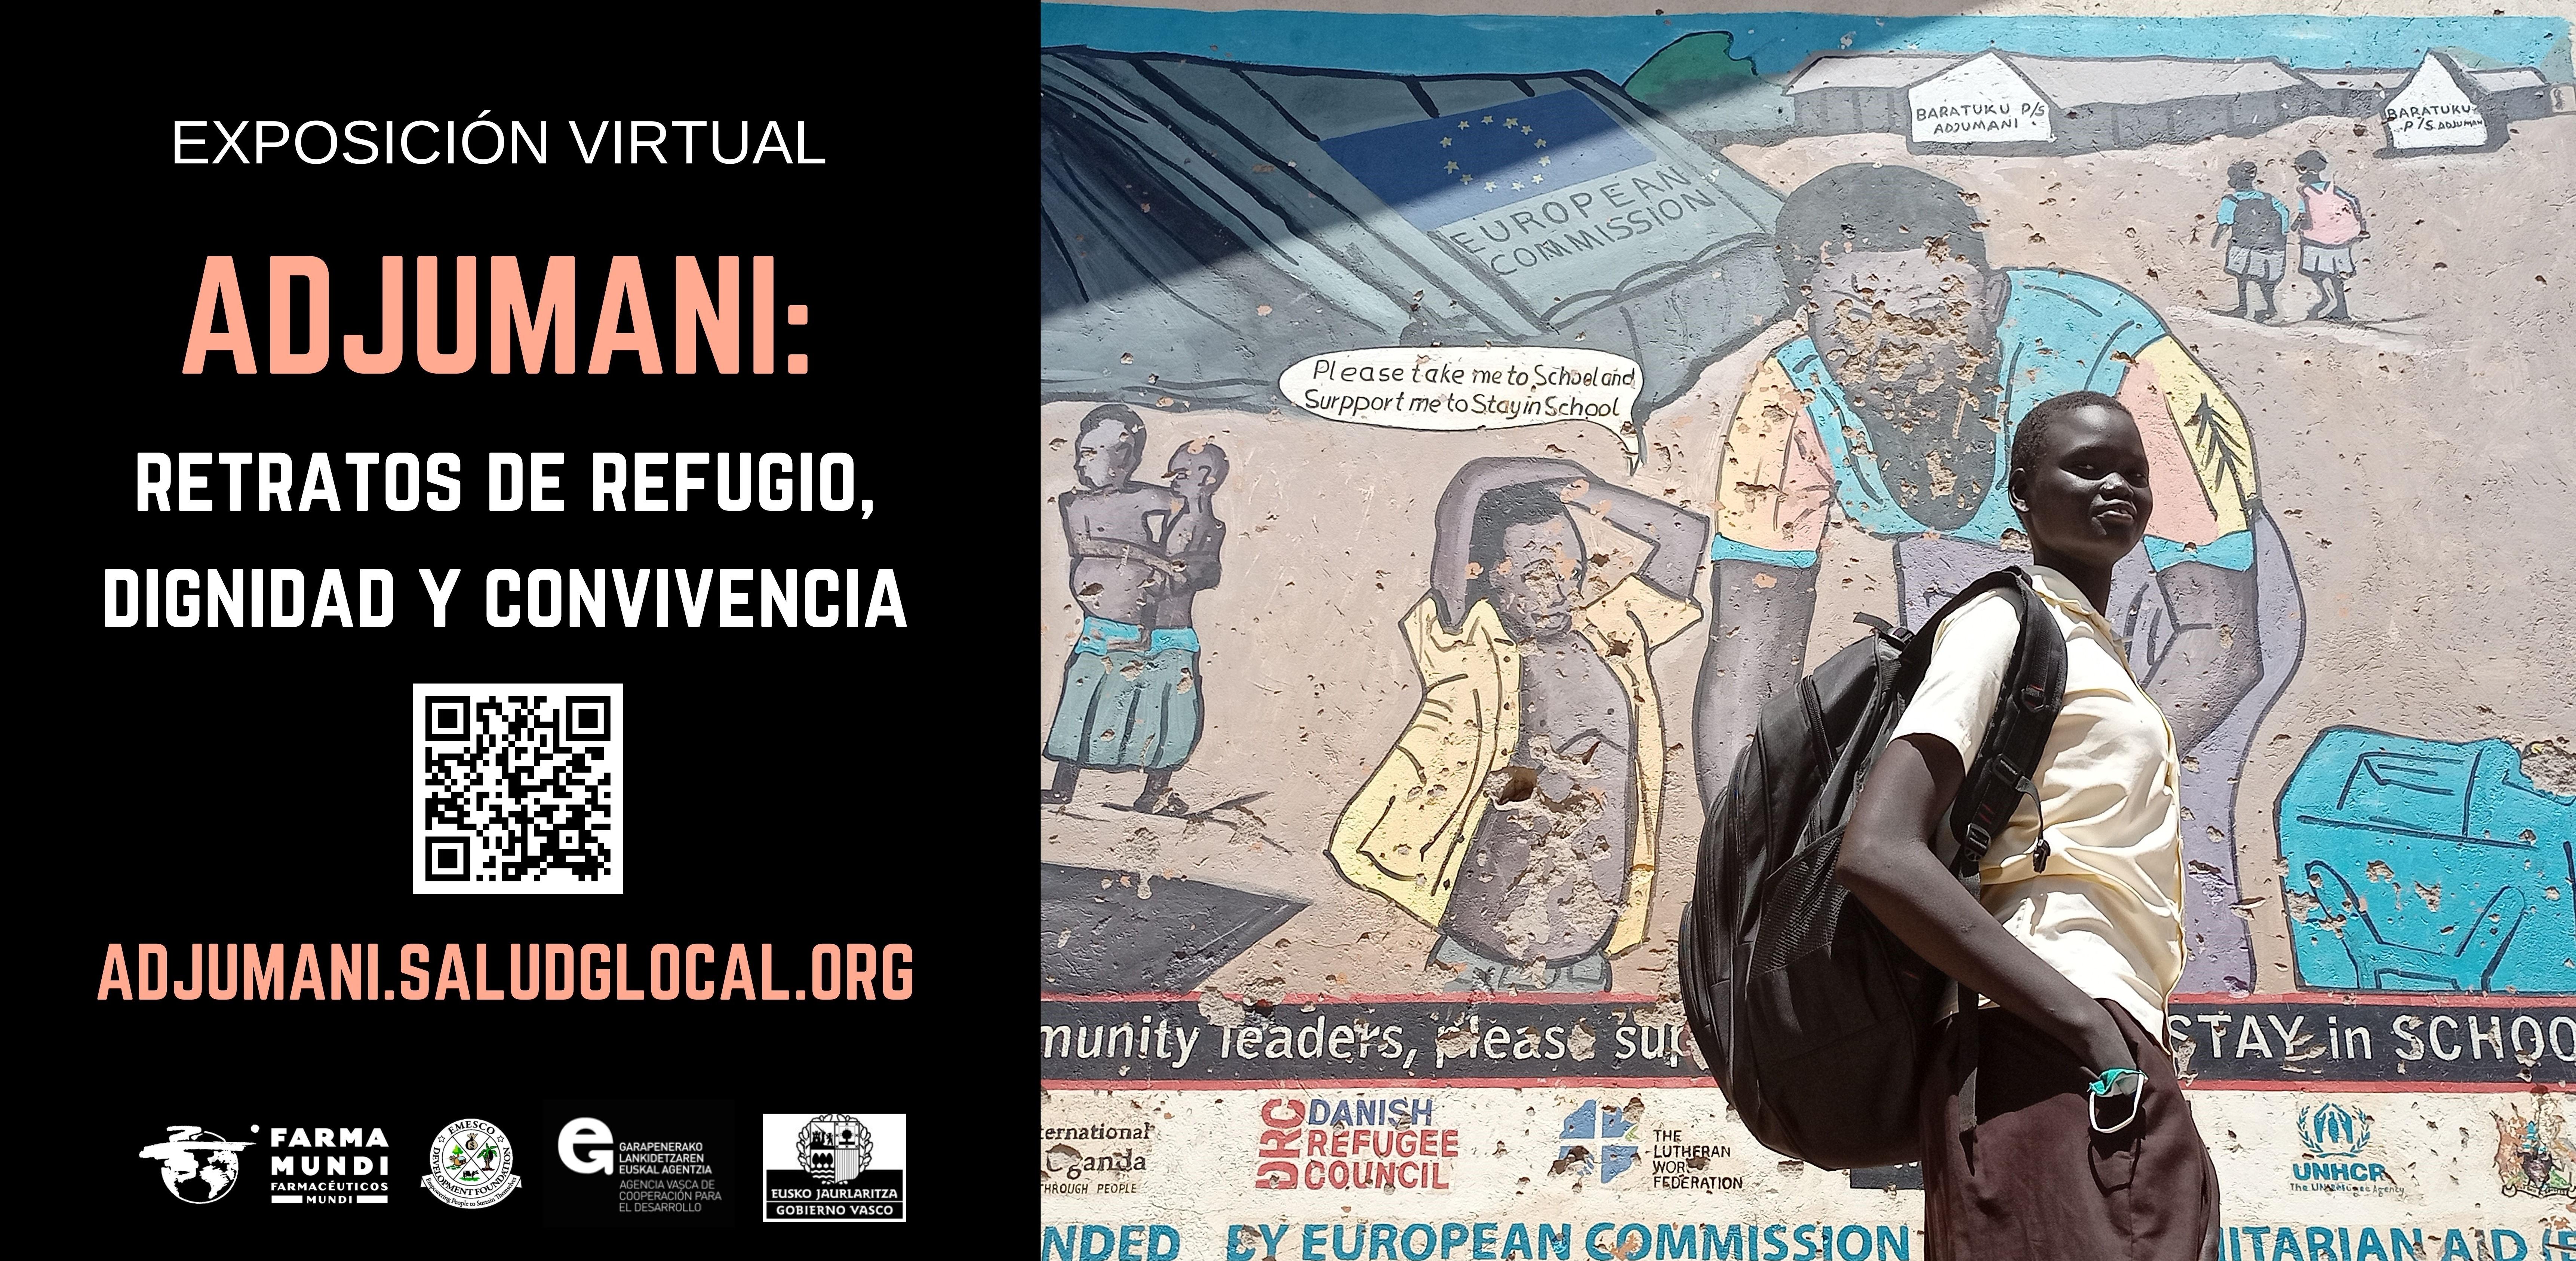 Lanzamos la exposición virtual 'Adjumani: retratos de refugio, dignidad y convivencia'